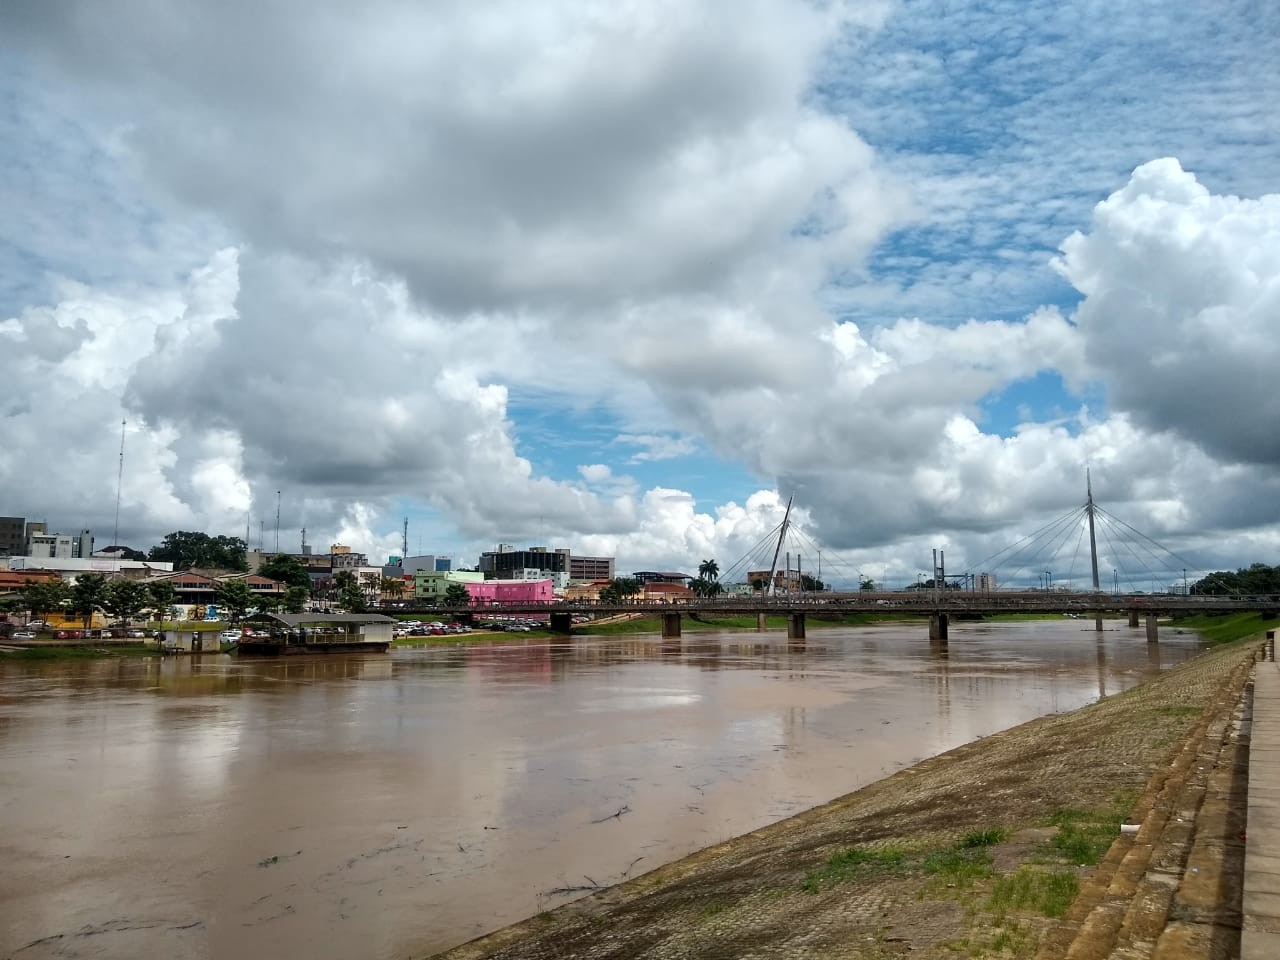 Corpo é encontrado boiando no Rio Acre em Rio Branco - Notícias - Plantão Diário